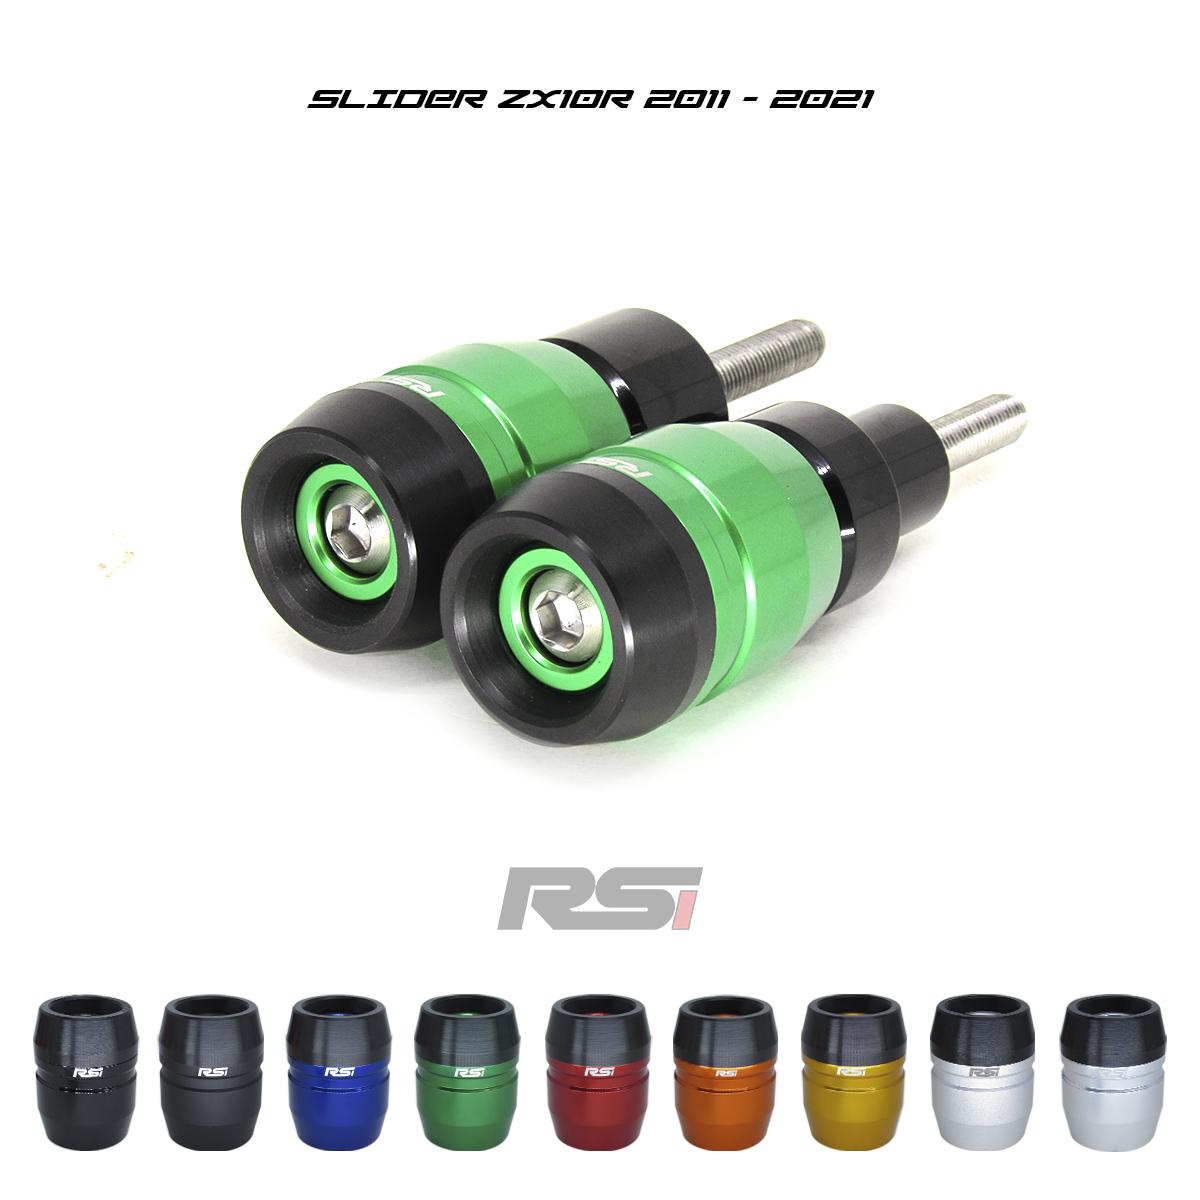 SLIDER ZX10R 2011 - 2020